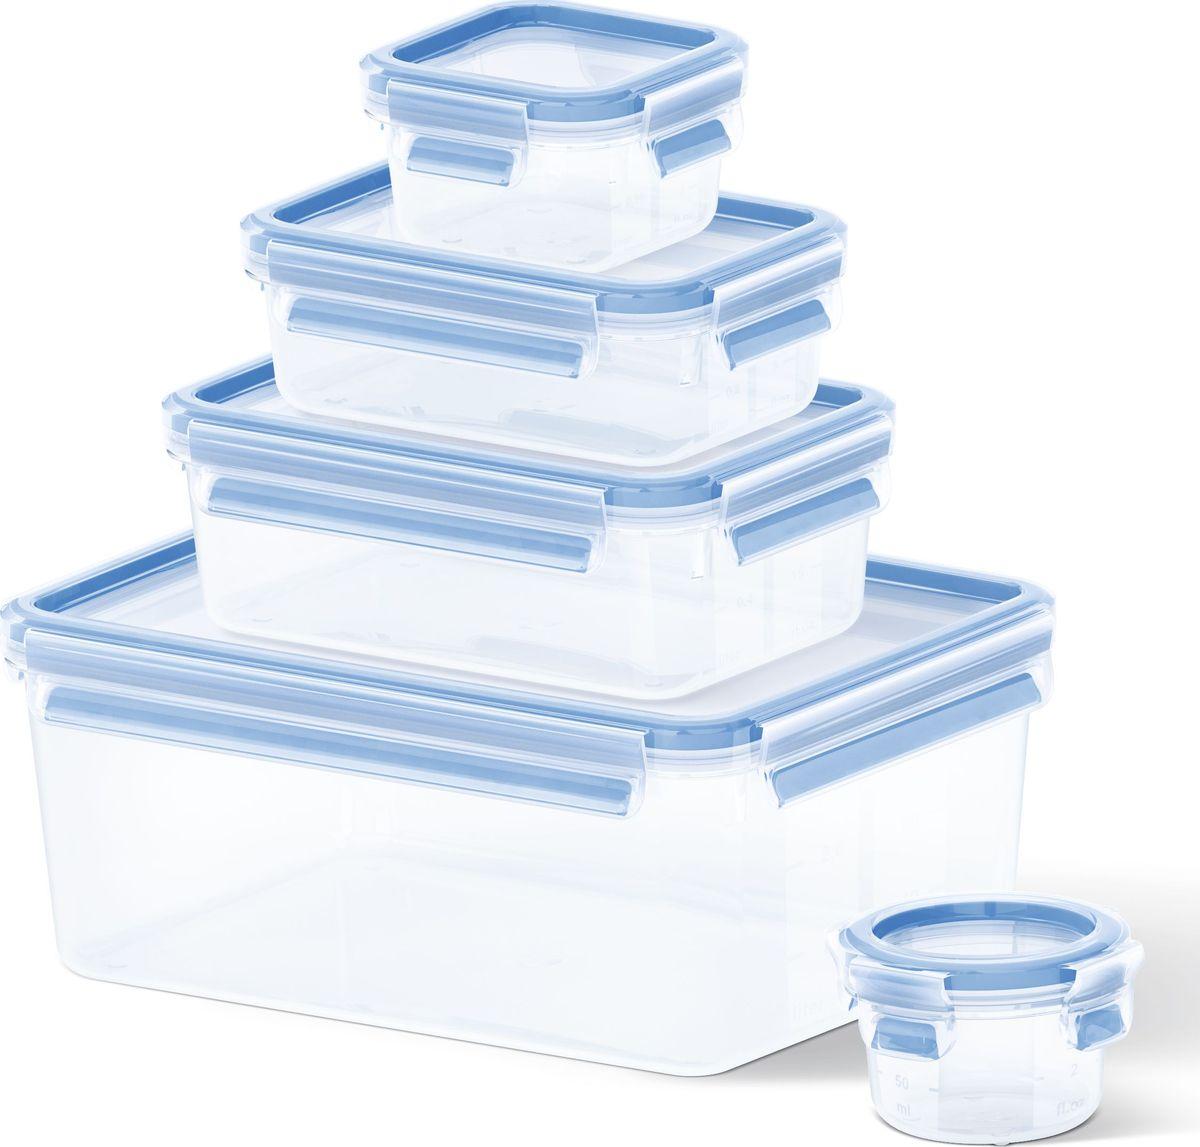 Набор контейнеров Emsa Clip&Close, 5 штRC Set lower RedНабор контейнеров Emsa Clip&Close изготовлен из высококачественного антибактериального пищевого пластика, имеющего сертификат BPA-free, который выдерживает температуру от -40°С до +110°С, не впитывает запахи и не изменяет цвет. Это абсолютно гигиеничный продукт, который подходит для хранения даже детского питания. 100% герметичность - идеально не только для хранения, но и для транспортировки пищи. Герметичность достигается за счет специальных силиконовых прослоек, которые позволяют использовать контейнер для хранения не только пищи, но и жидкости. В таком контейнере продукты долгое время сохраняют свою свежесть - до 4-х раз дольше по сравнению с обычными, в том числе и вакуумными контейнерами. 100% гигиеничность - уникальная технология применения медицинского силикона в уплотнителе крышки: никаких полостей - никаких микробов. Изделие снабжено крышкой, плотно закрывающейся на 4 защелки. 100% удобство - прозрачные стенки позволяют просматривать содержимое, сохранение пространства за счёт лёгкой установки контейнеров друг на друга. Изделие подходит для домашнего использования, для пикников, поездок, отдыха на природе, его можно взять с собой на работу или учебу. Можно использовать в СВЧ-печах, холодильниках, посудомоечных машинах, морозильных камерах.Размер контейнеров: 0,15 л - 9,2 x 5,9 см0,25 л - 10,2 x 10,2 x 5,9 см0,55 л - 16,3 x 11,3 x 5,8 см1 л - 19,7 x 13,6 x 7,2 см3,7 л - 26,3 x 19,5 x 11 см.